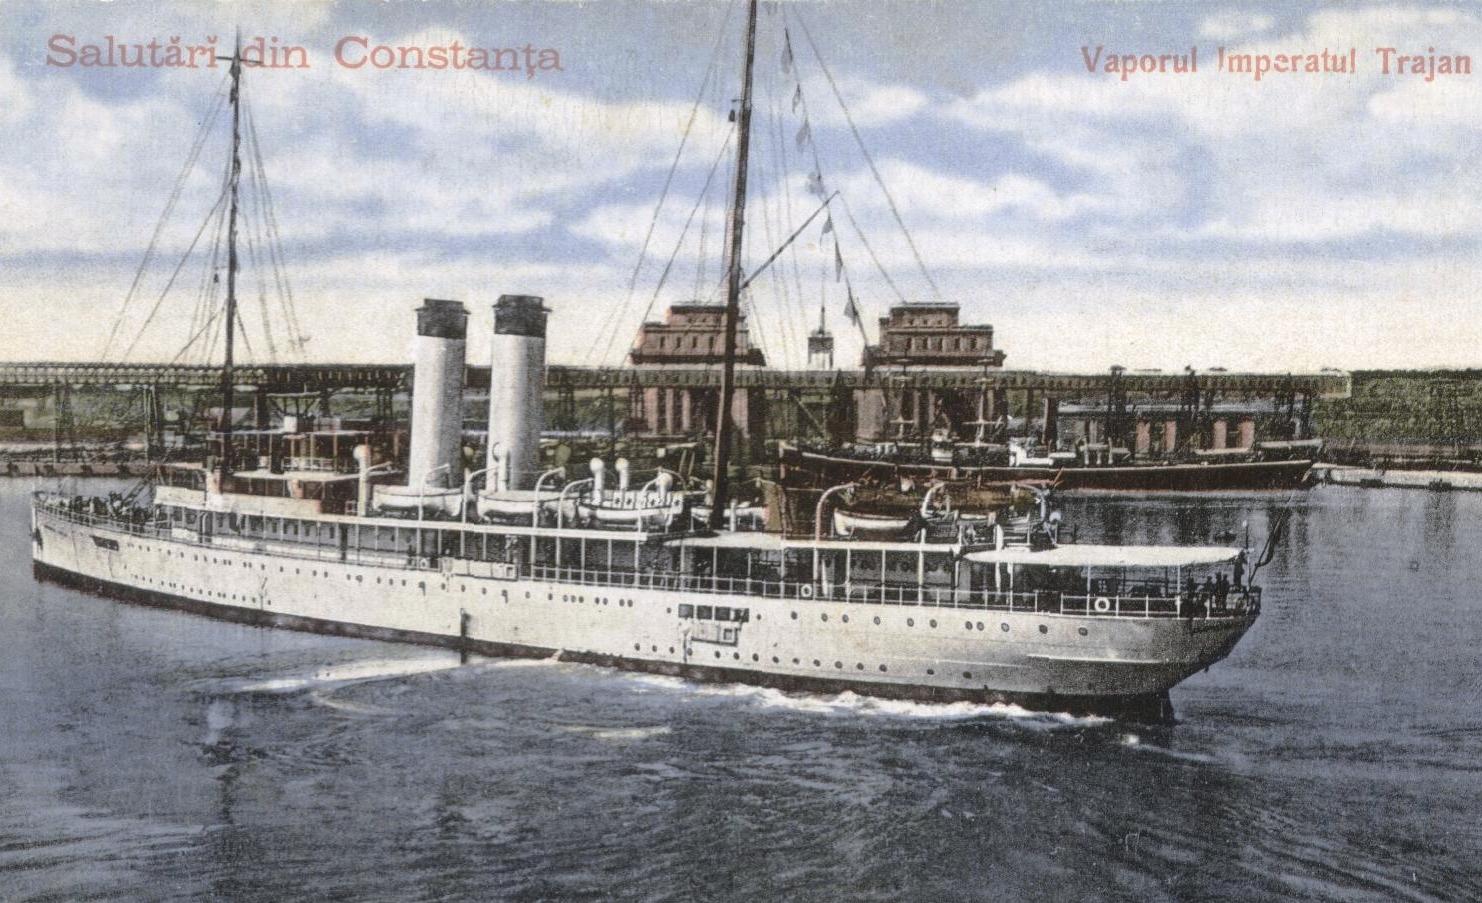 Nava ÎMPĂRATUL TRAIAN, în anul 1919, în timpul unor manevre efectuate în bazinul vechi al portului Constanța.